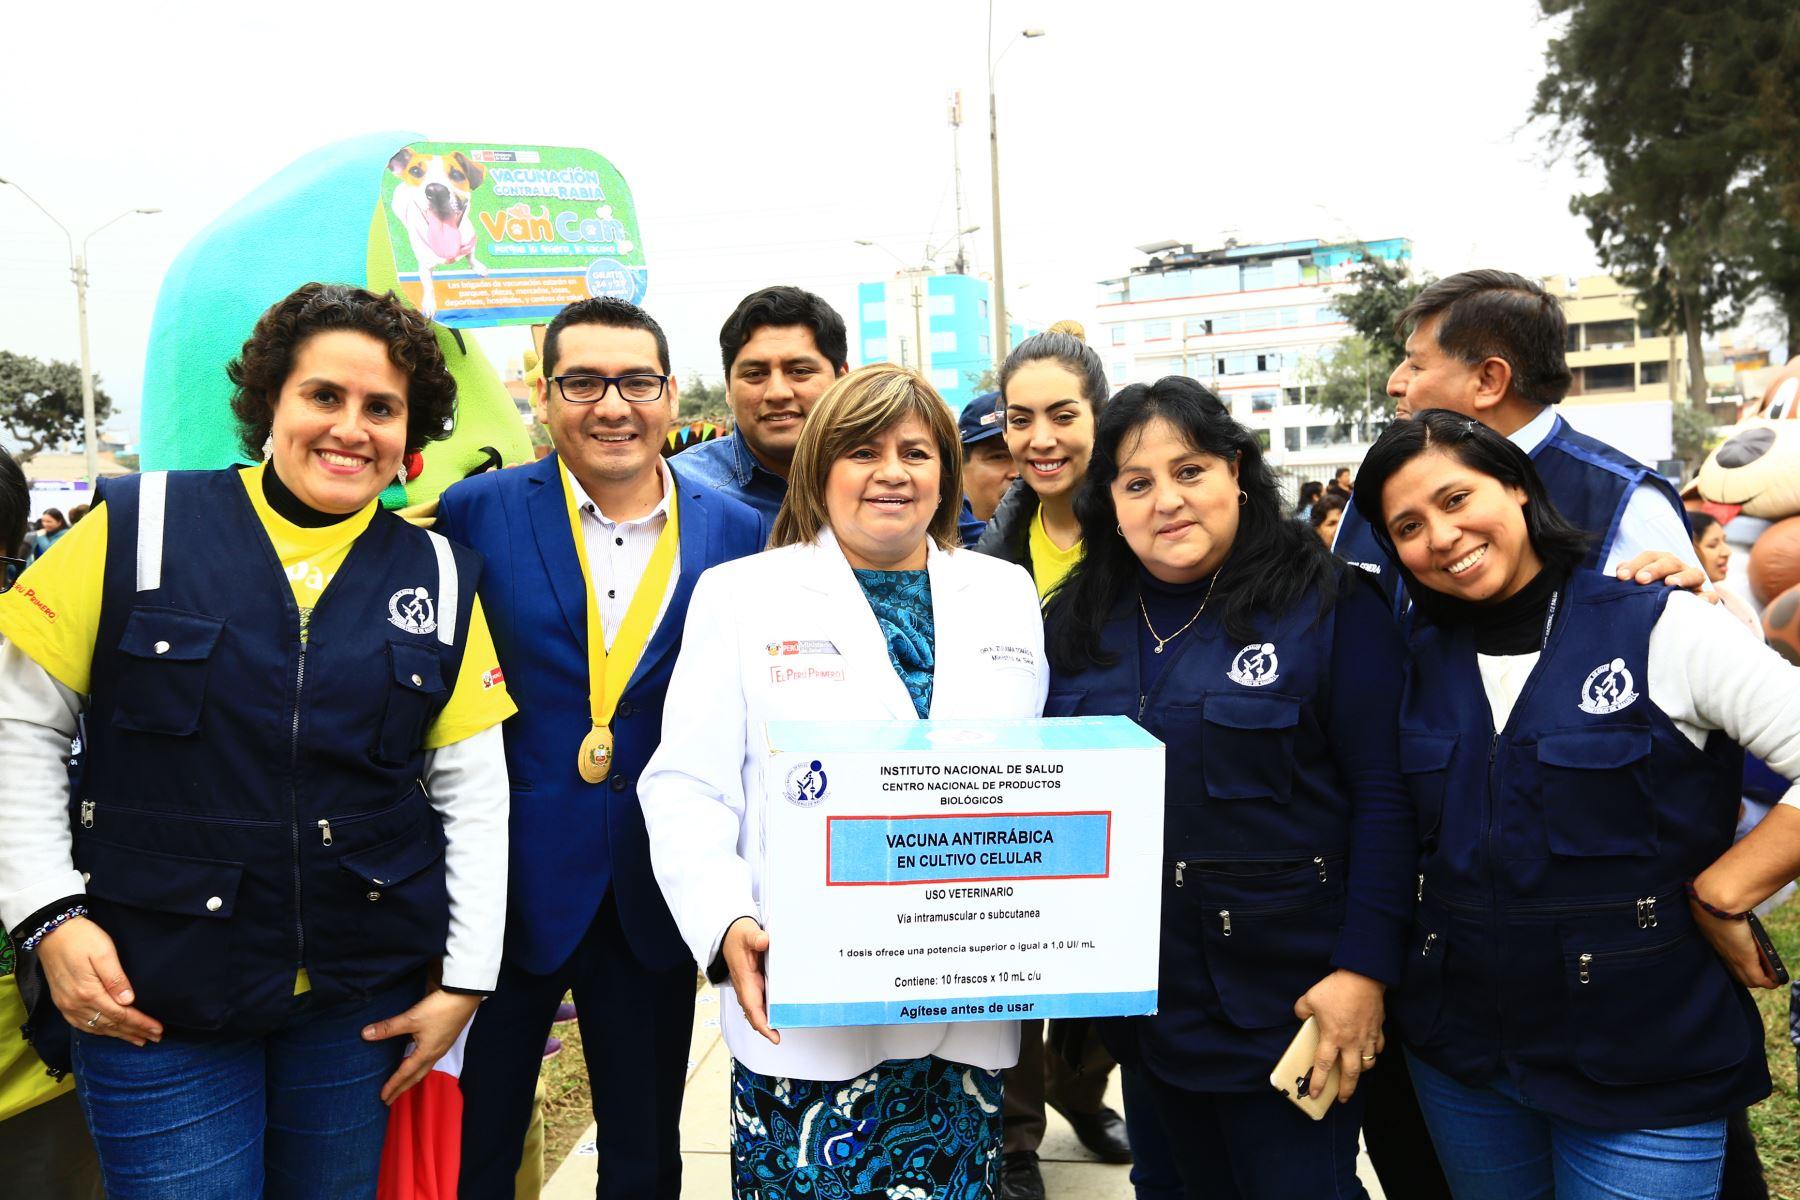 Ministra de Salud, Zulema Tomás Gonzáles participa en la Campaña Antirrábica de Vacunación Canina VAN CAN 2019. Foto: ANDINA/Pedro Cardenas